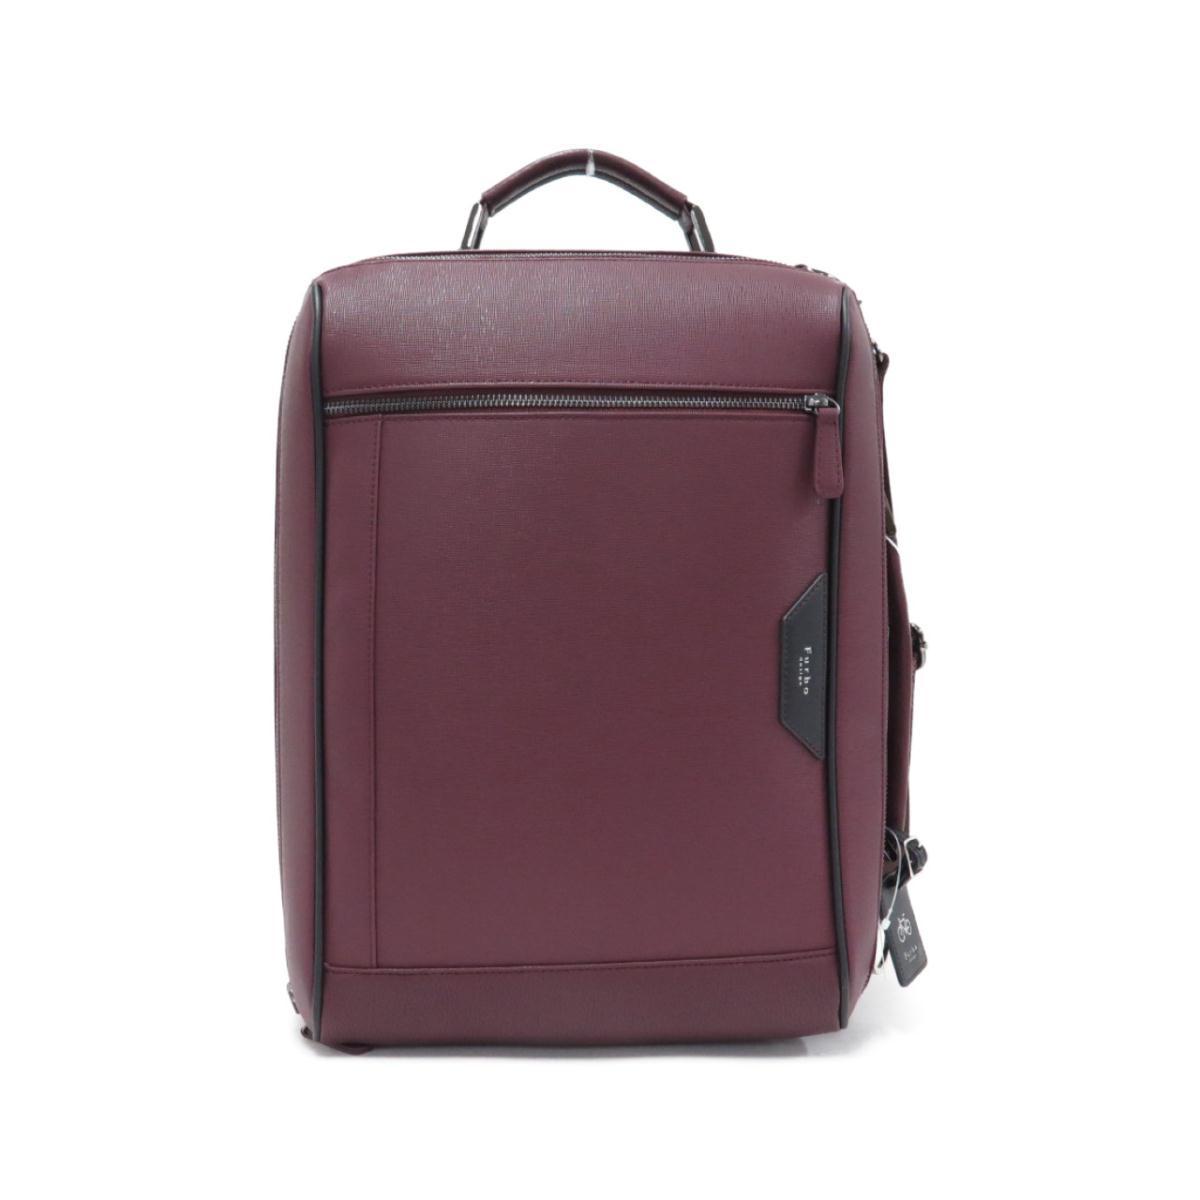 【新品】フルボデザイン バッグ FRB021【新品】